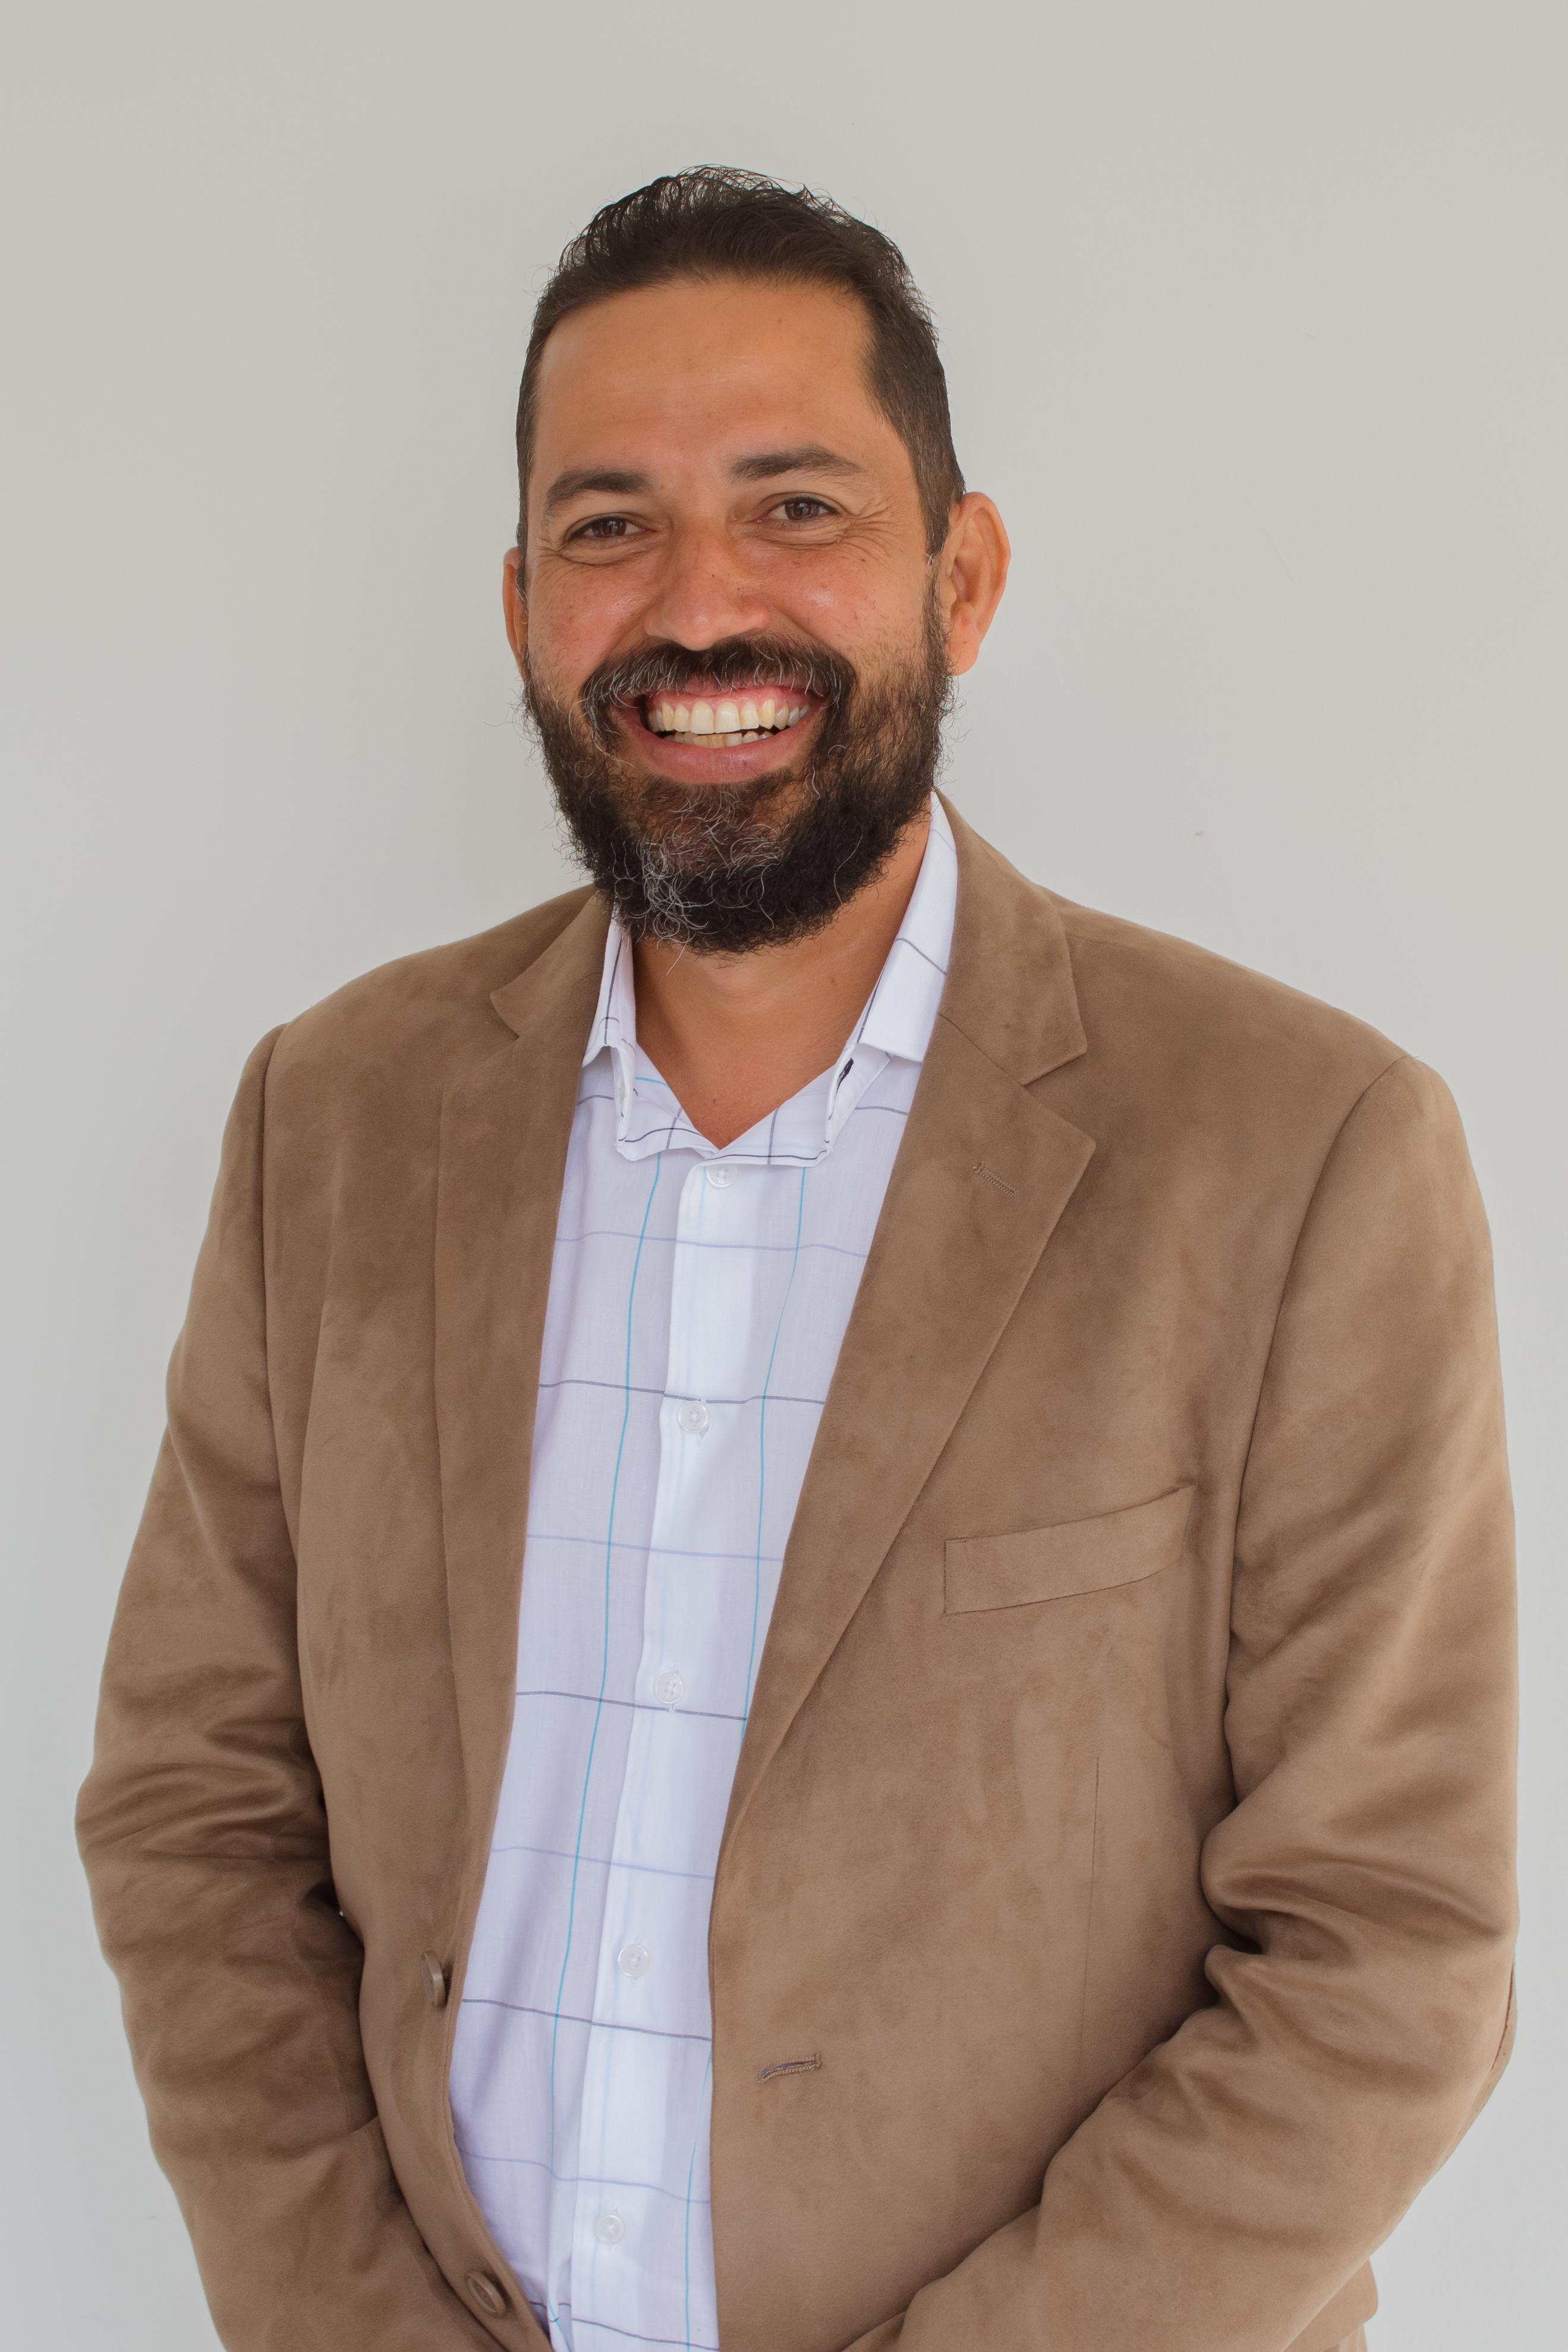 Leone Ricardo de Carvalho Santana